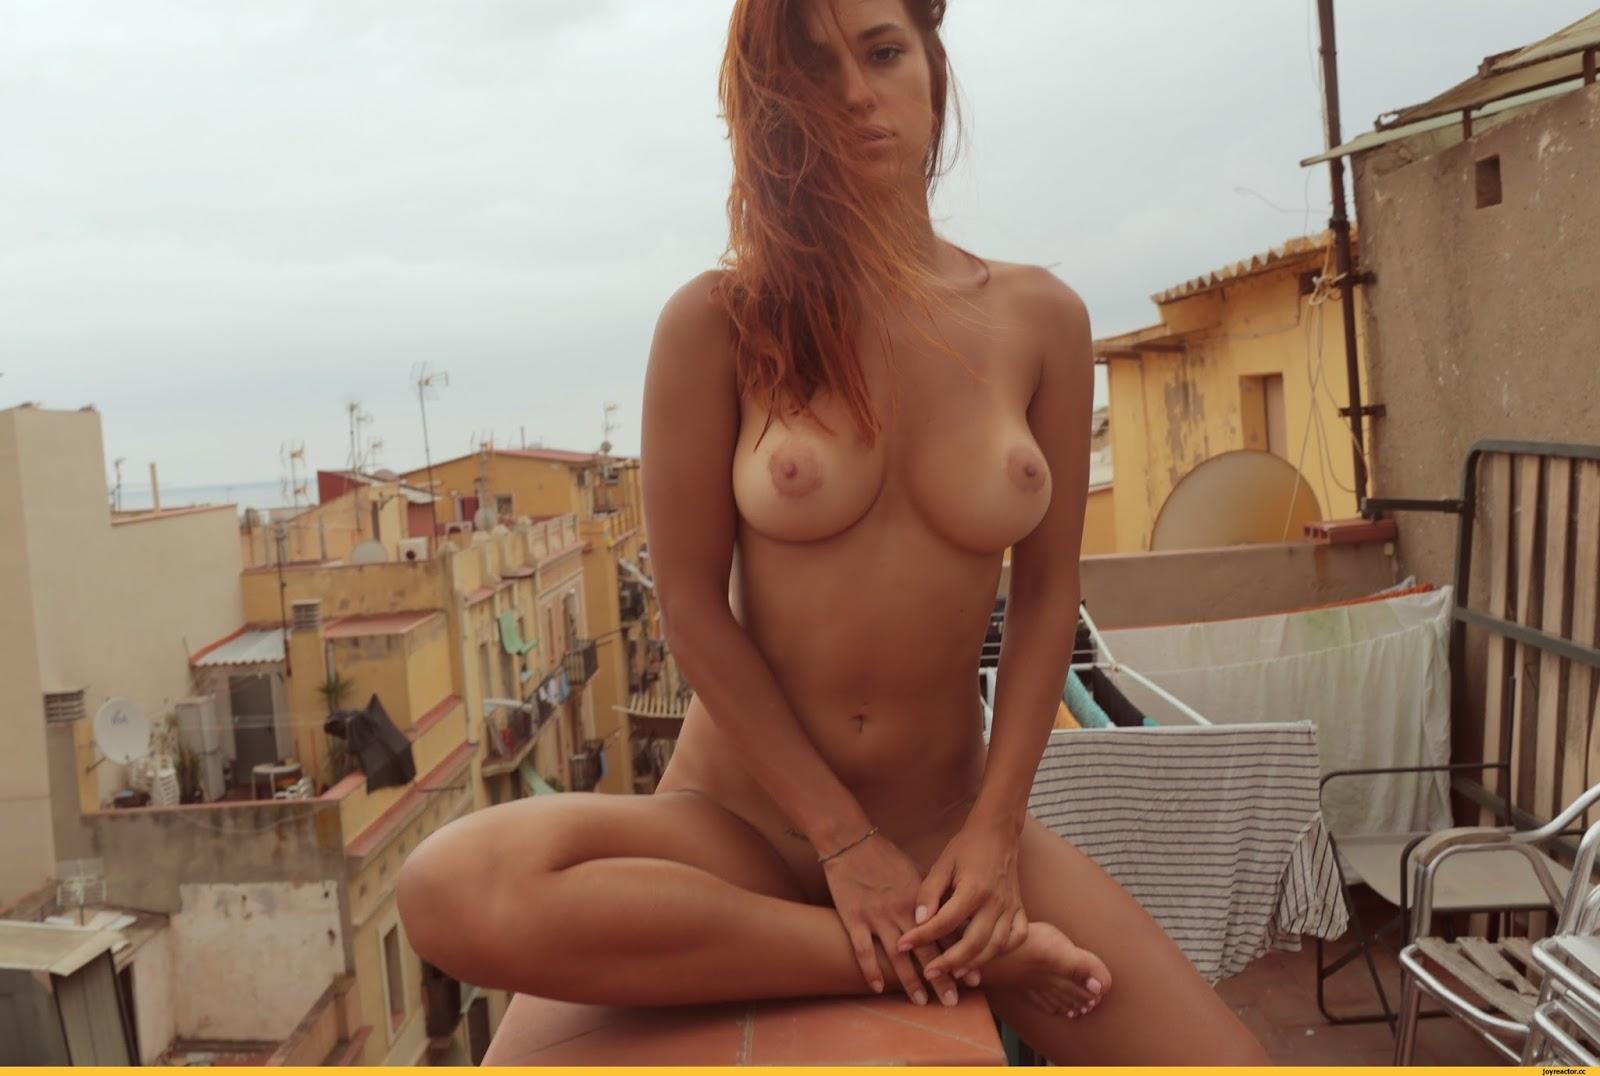 Фото голых порнозвёзд hd 21 фотография